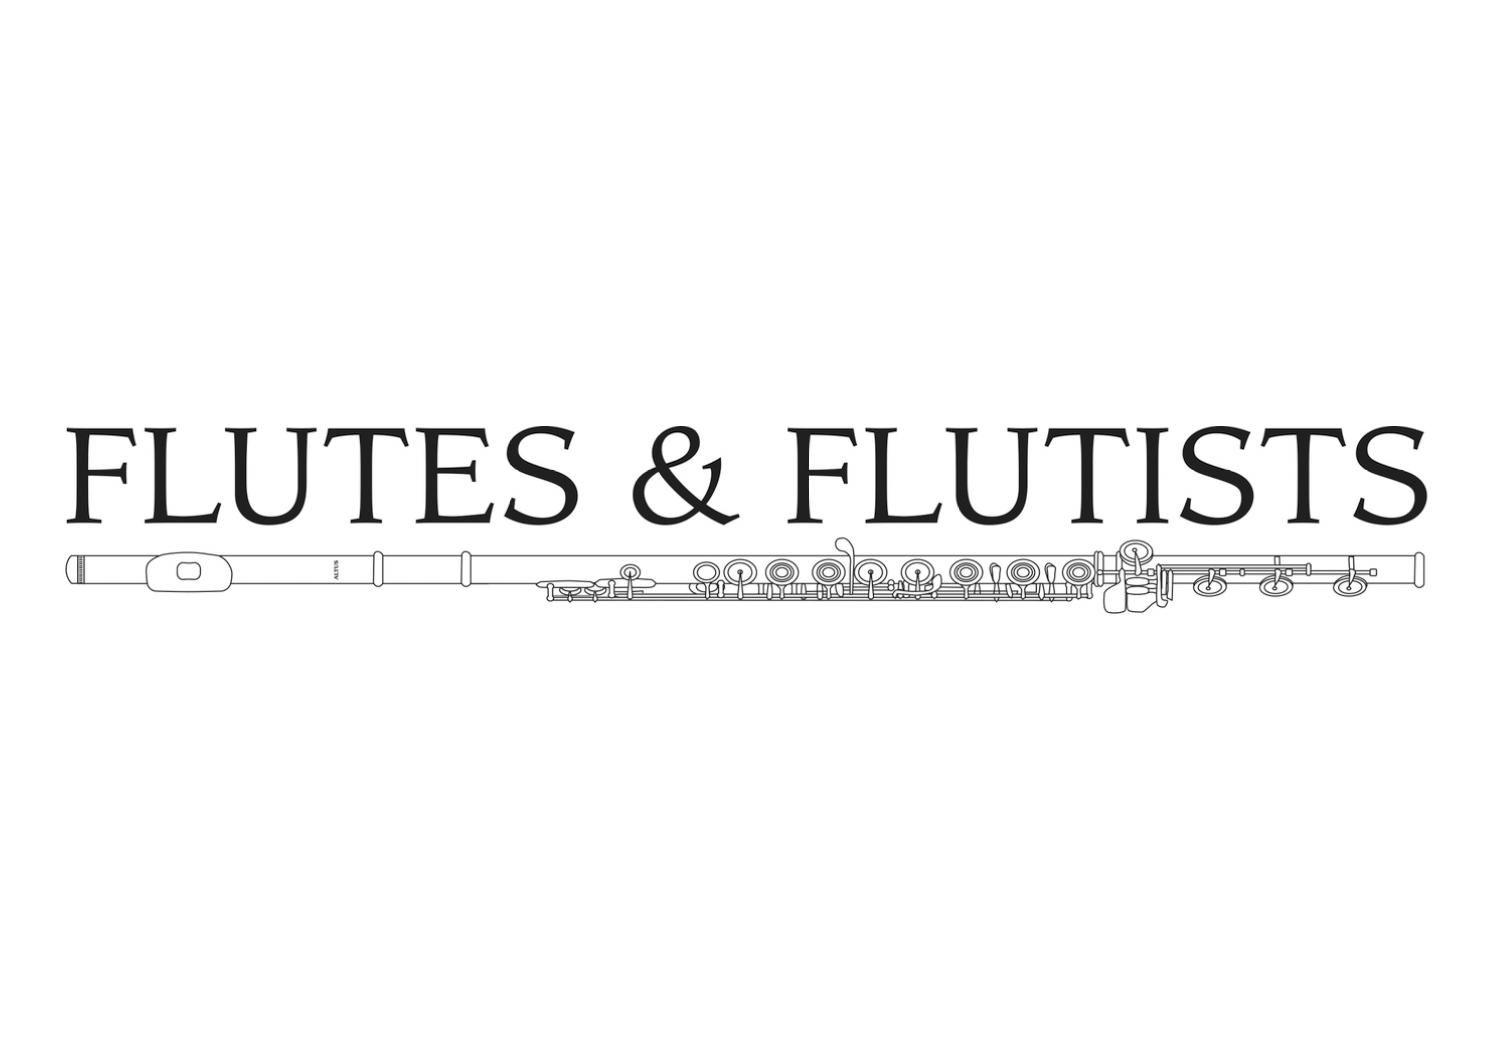 Flutes & Flutists - Australasia  Reps in Queensland, Victoria, Western Australia & Tasmania